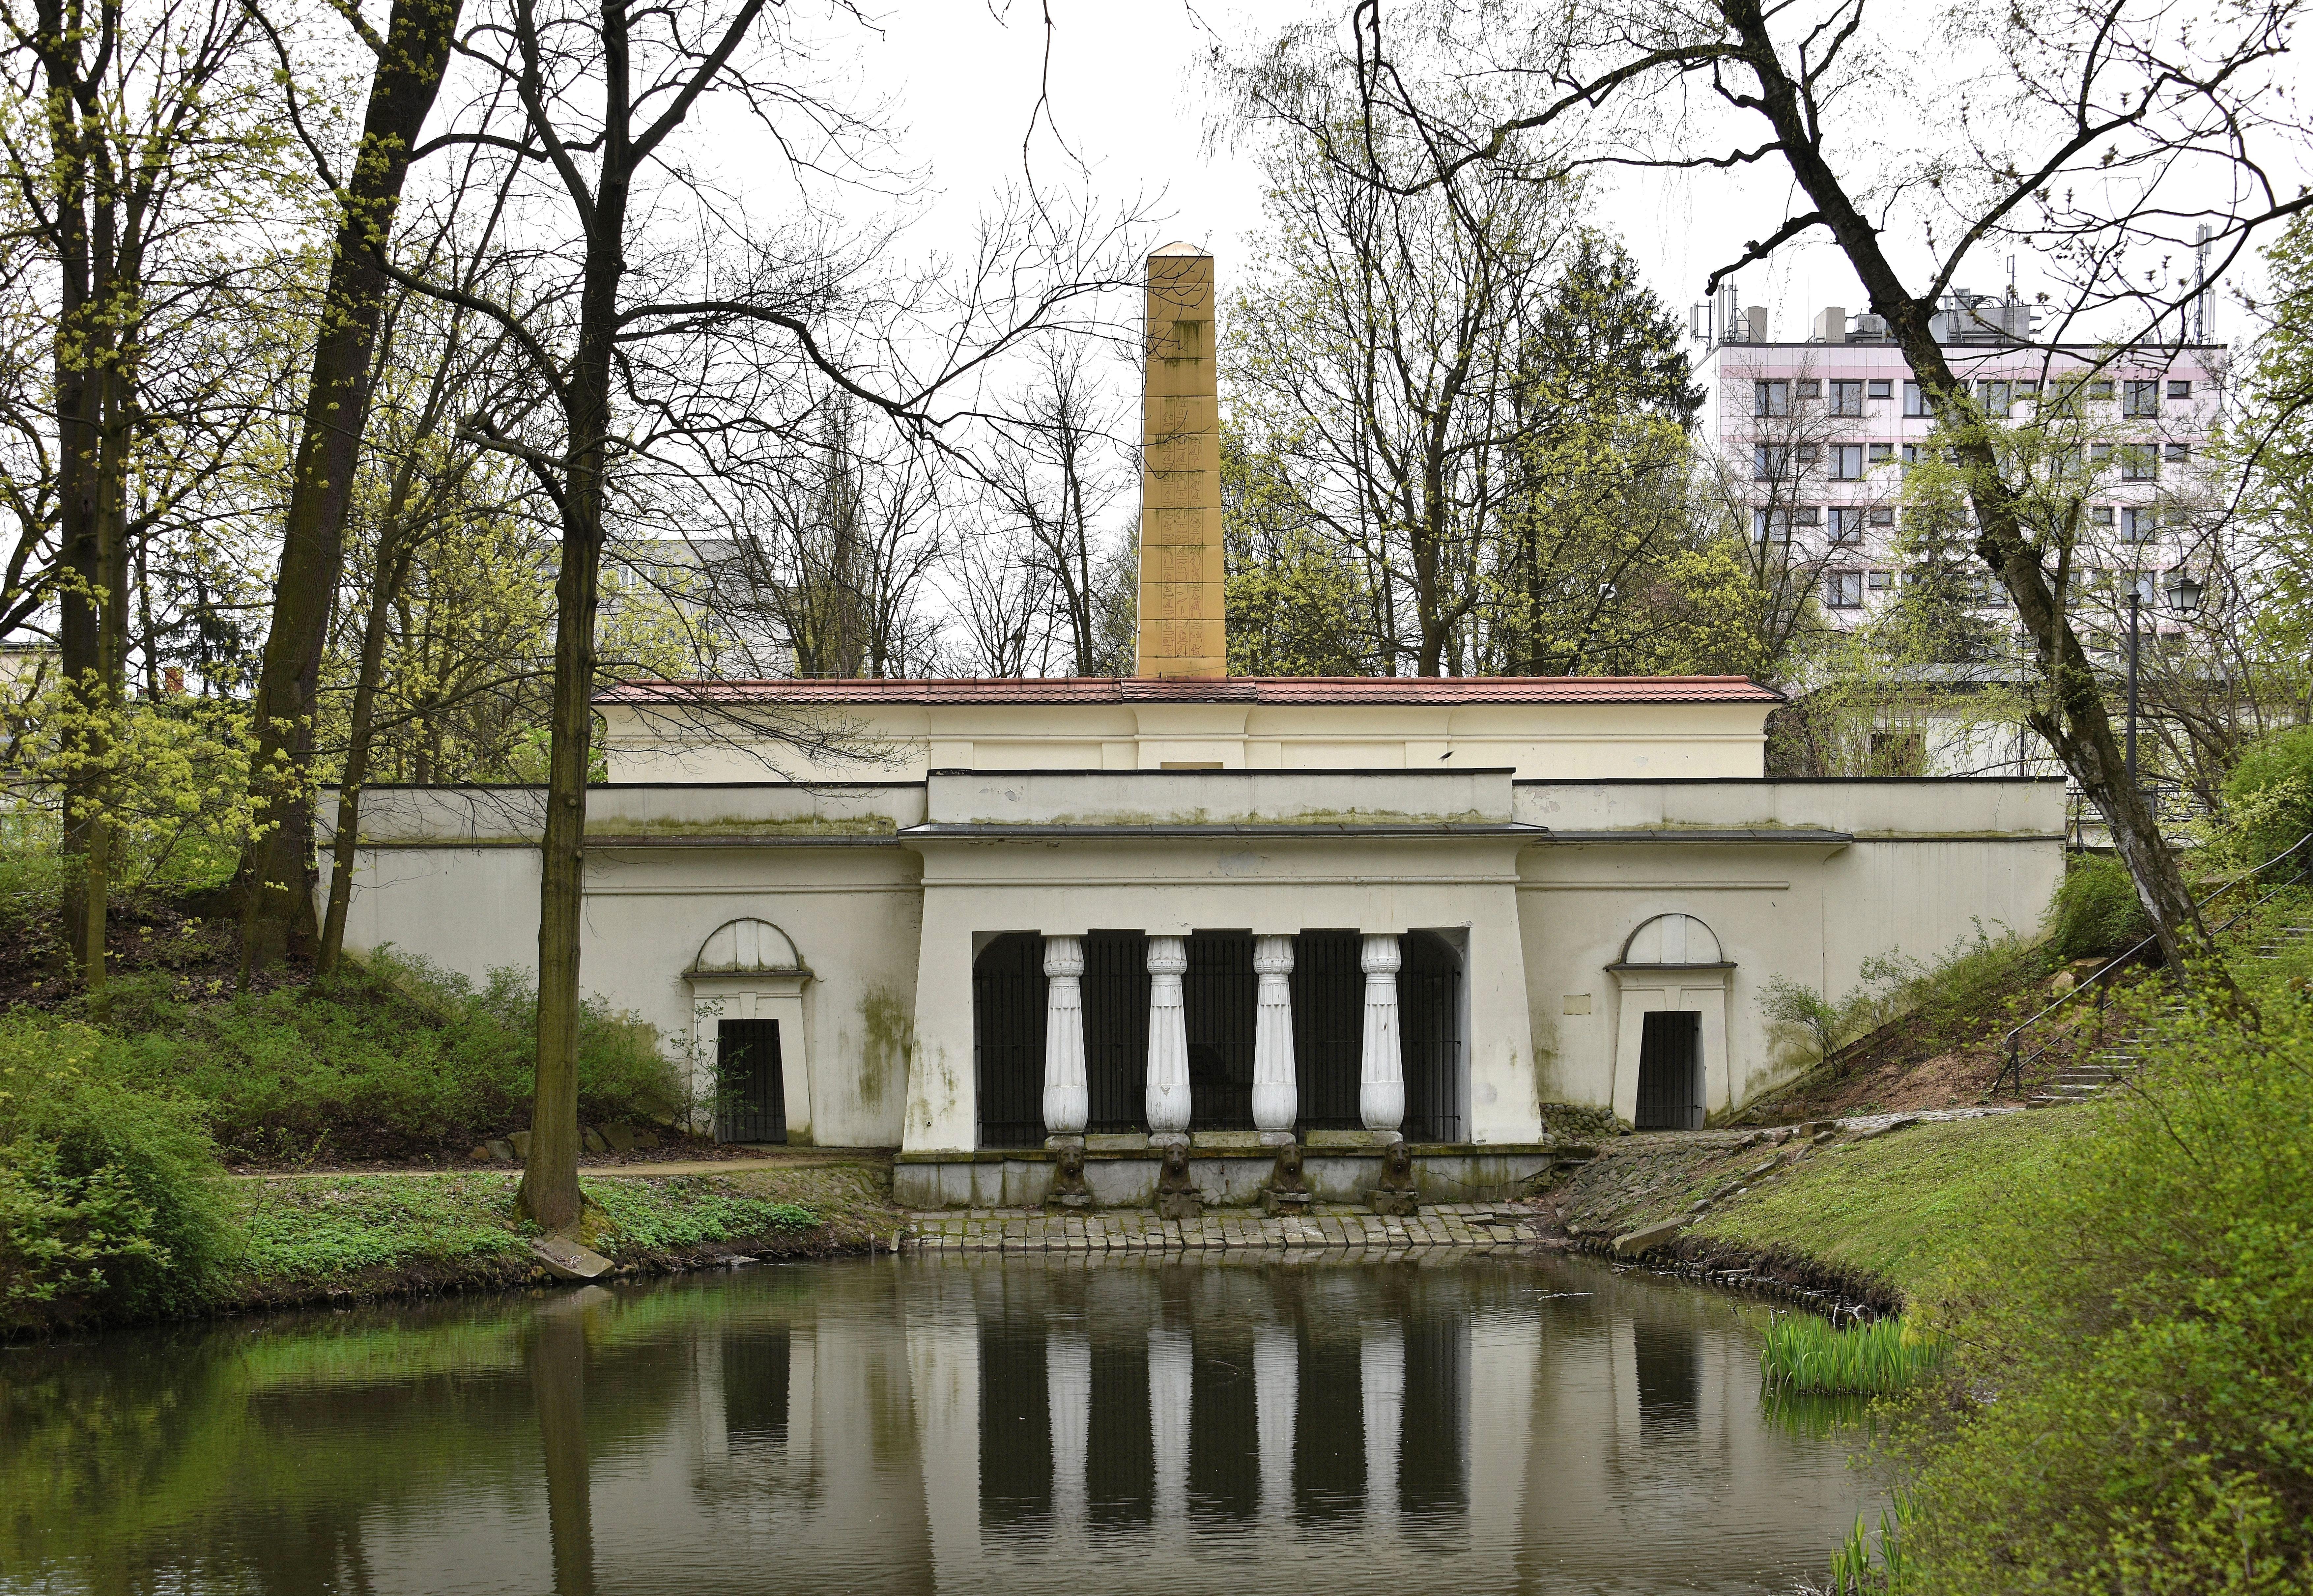 świątynia Egipska W Warszawie Wikipedia Wolna Encyklopedia